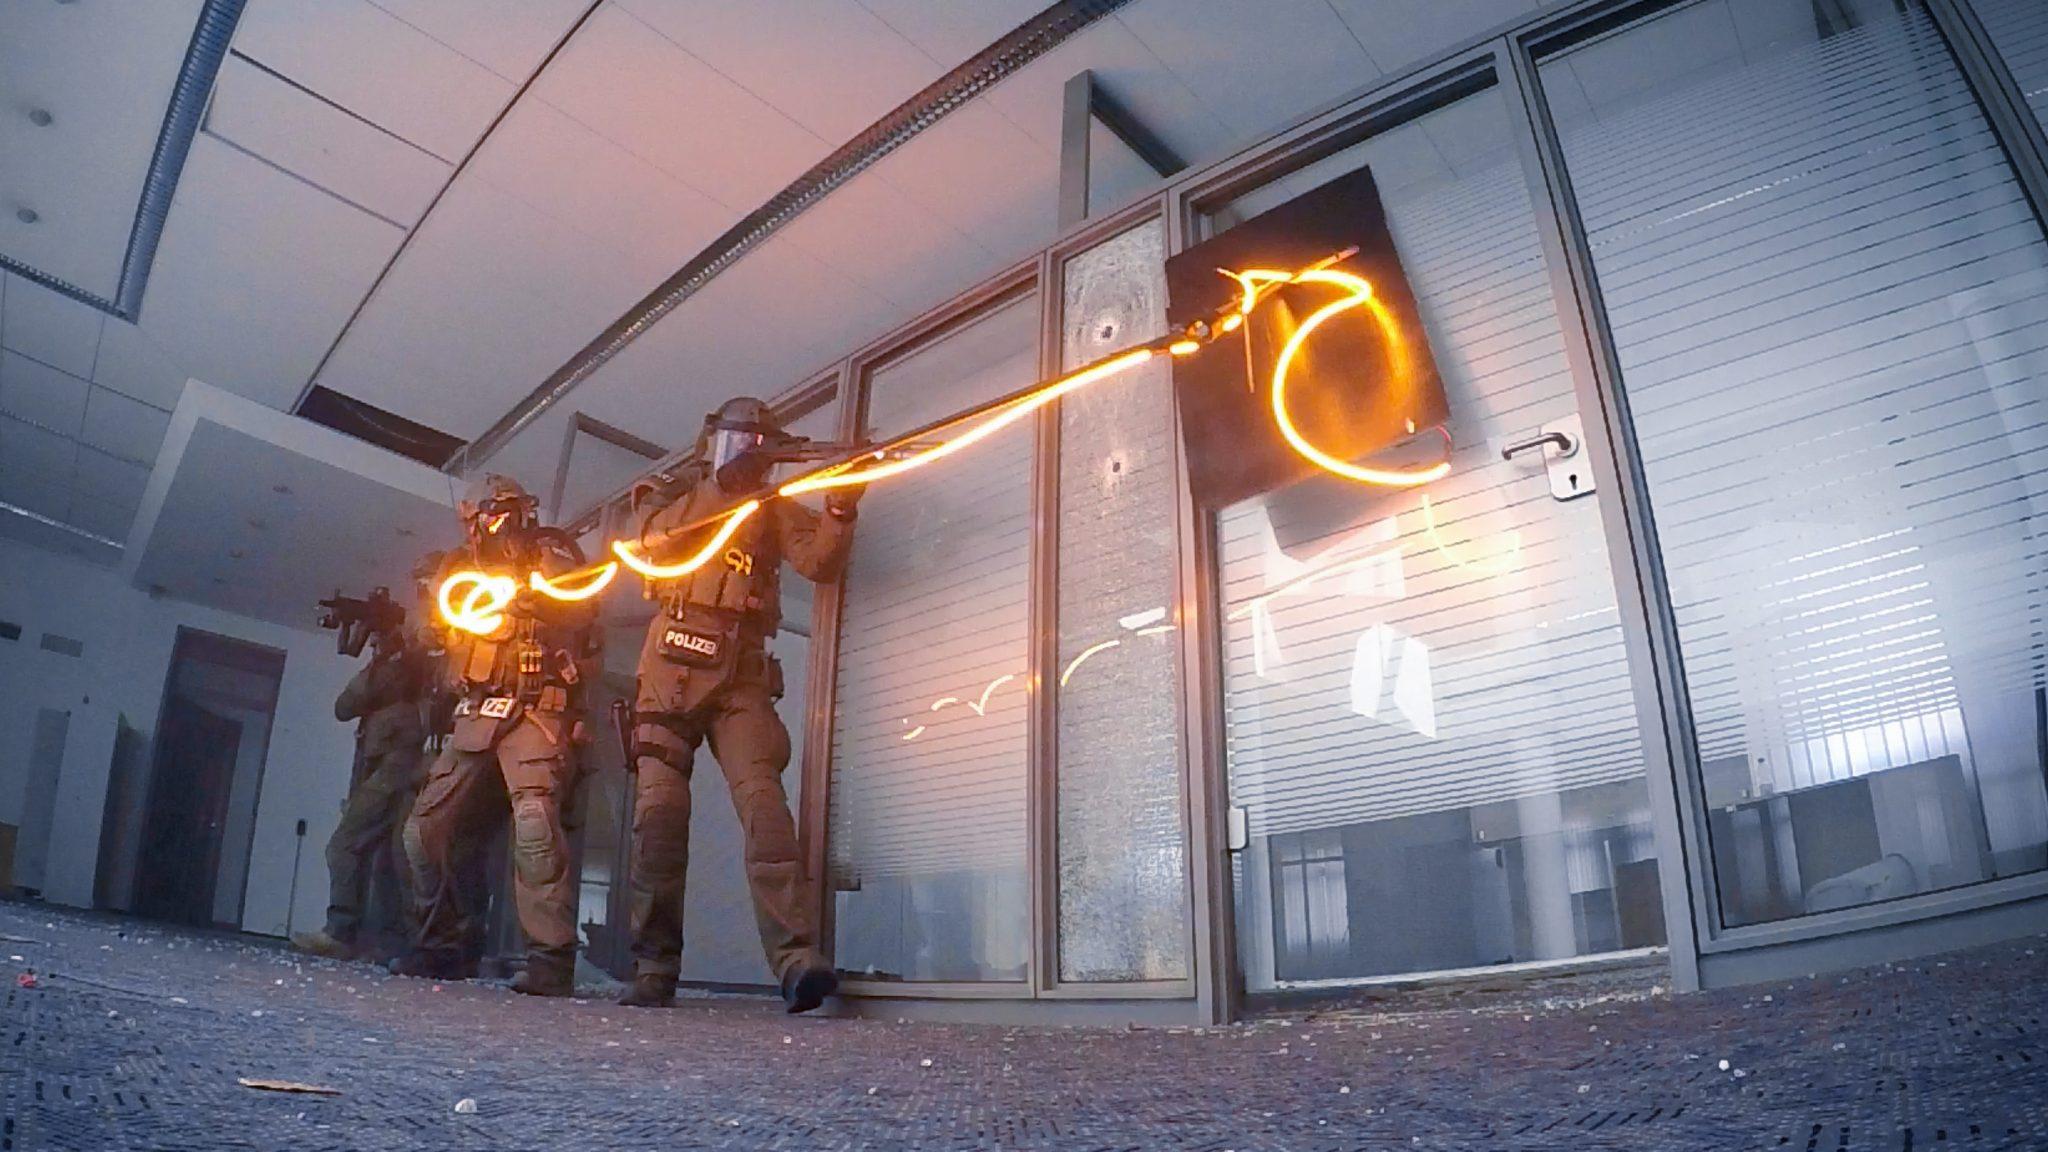 MG Action, MG Forces, Special Forces für Film, SEK Film, GSG9 Film, Polizei Film, Zugriffssprengungen, Explosive breaching, Breaching pole, Tür Aufsprengung